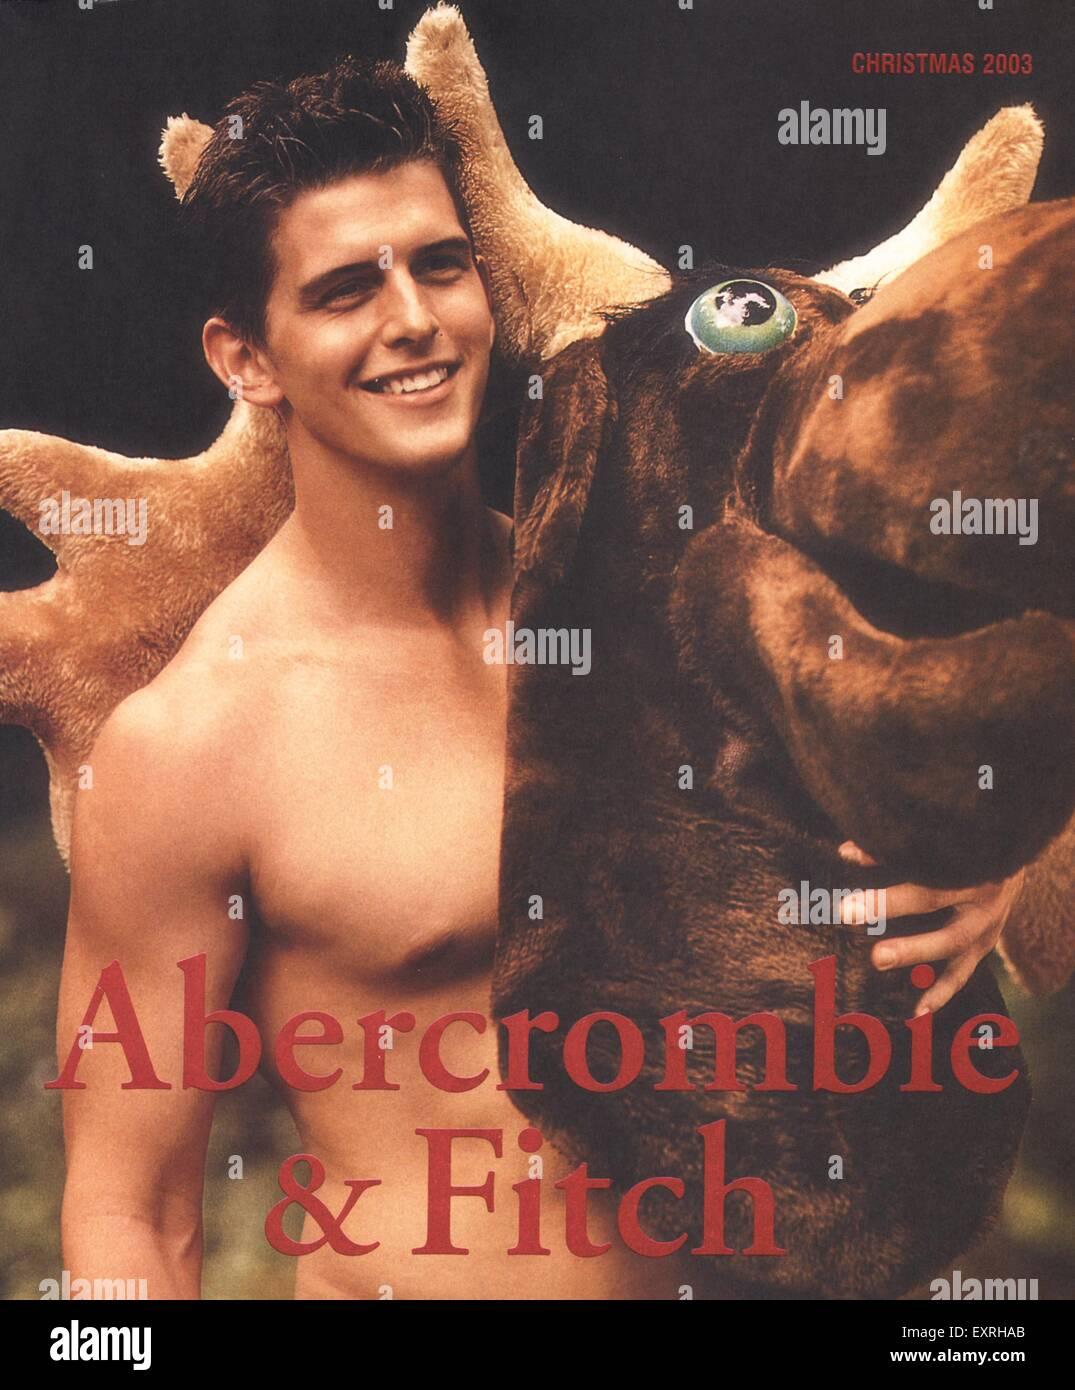 catalogue abercrombie